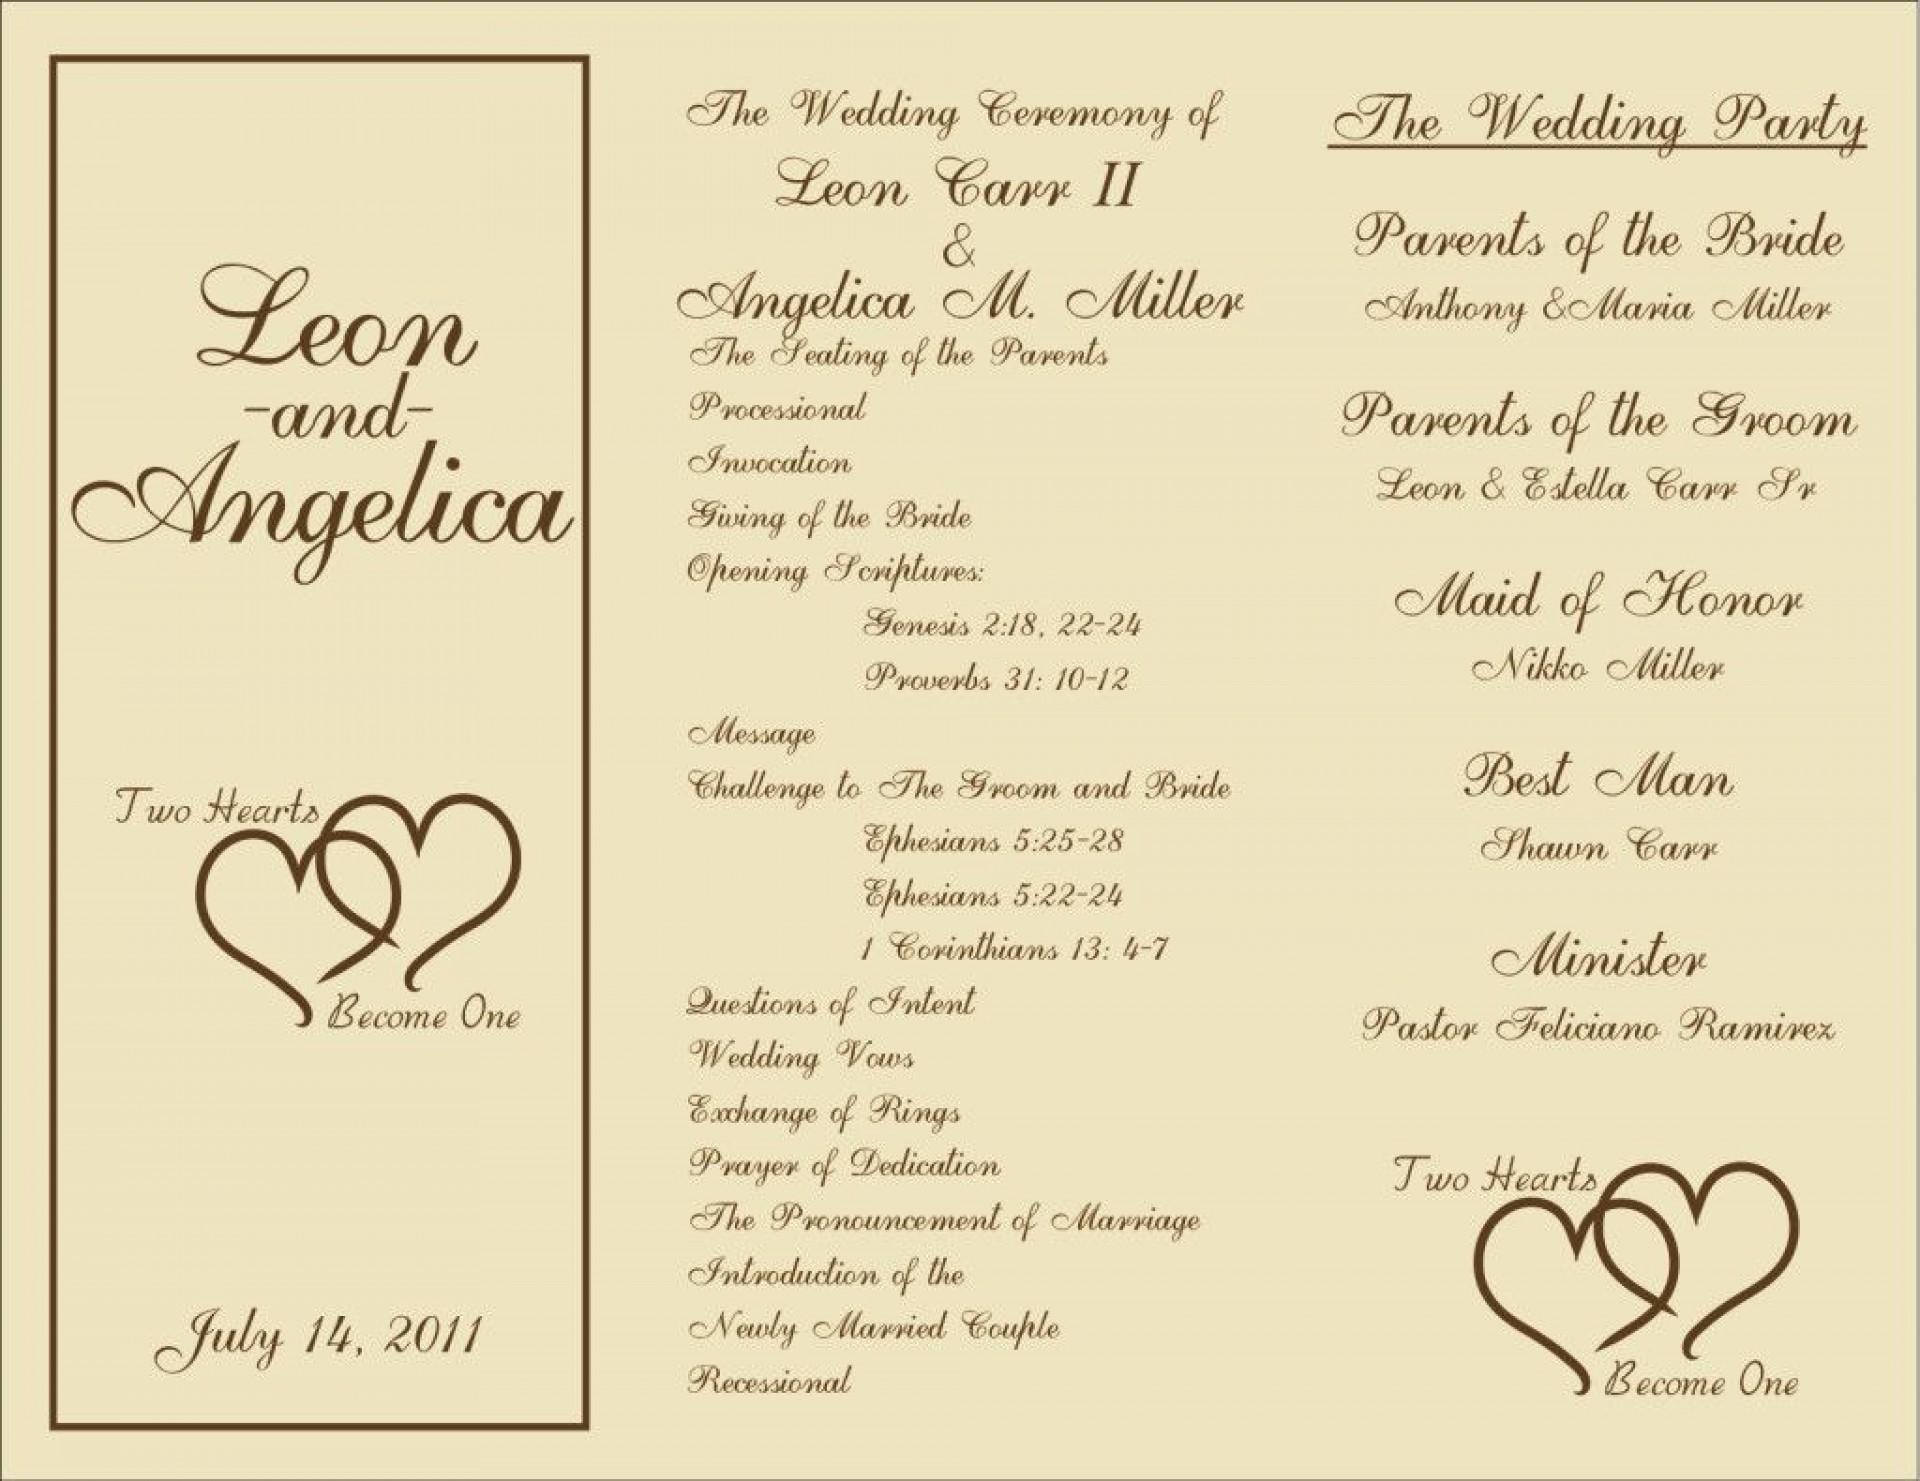 000 Beautiful Trifold Wedding Program Template Idea  Templates Tri Fold Tri-fold Publisher Free Foldable1920